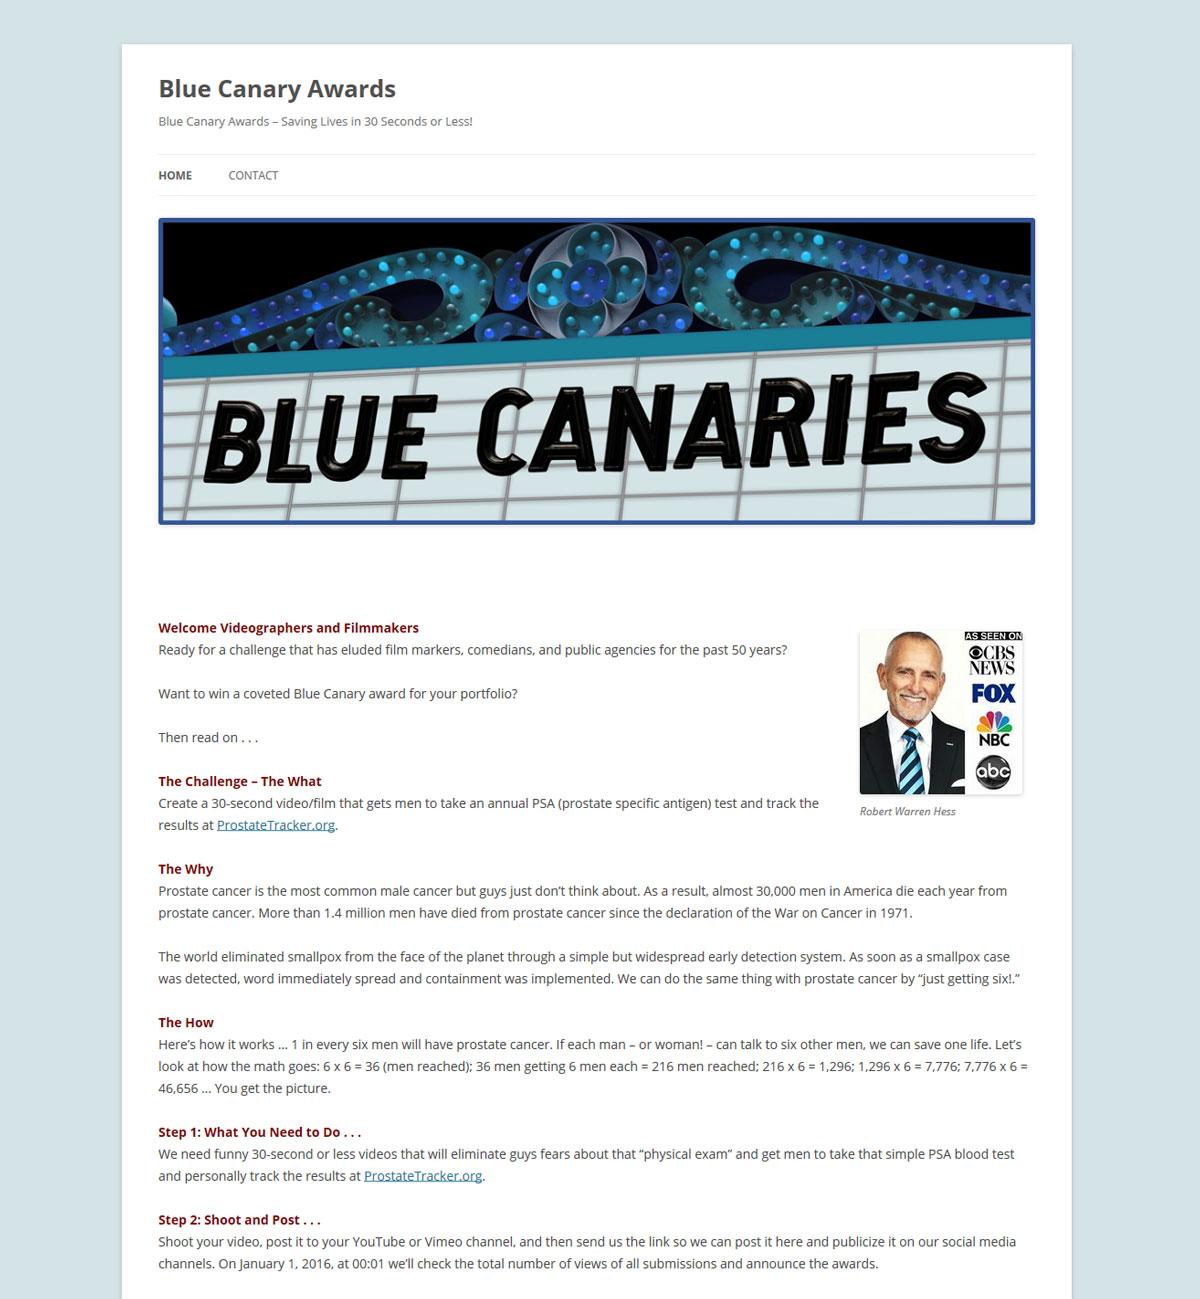 bluecanaries.com website design